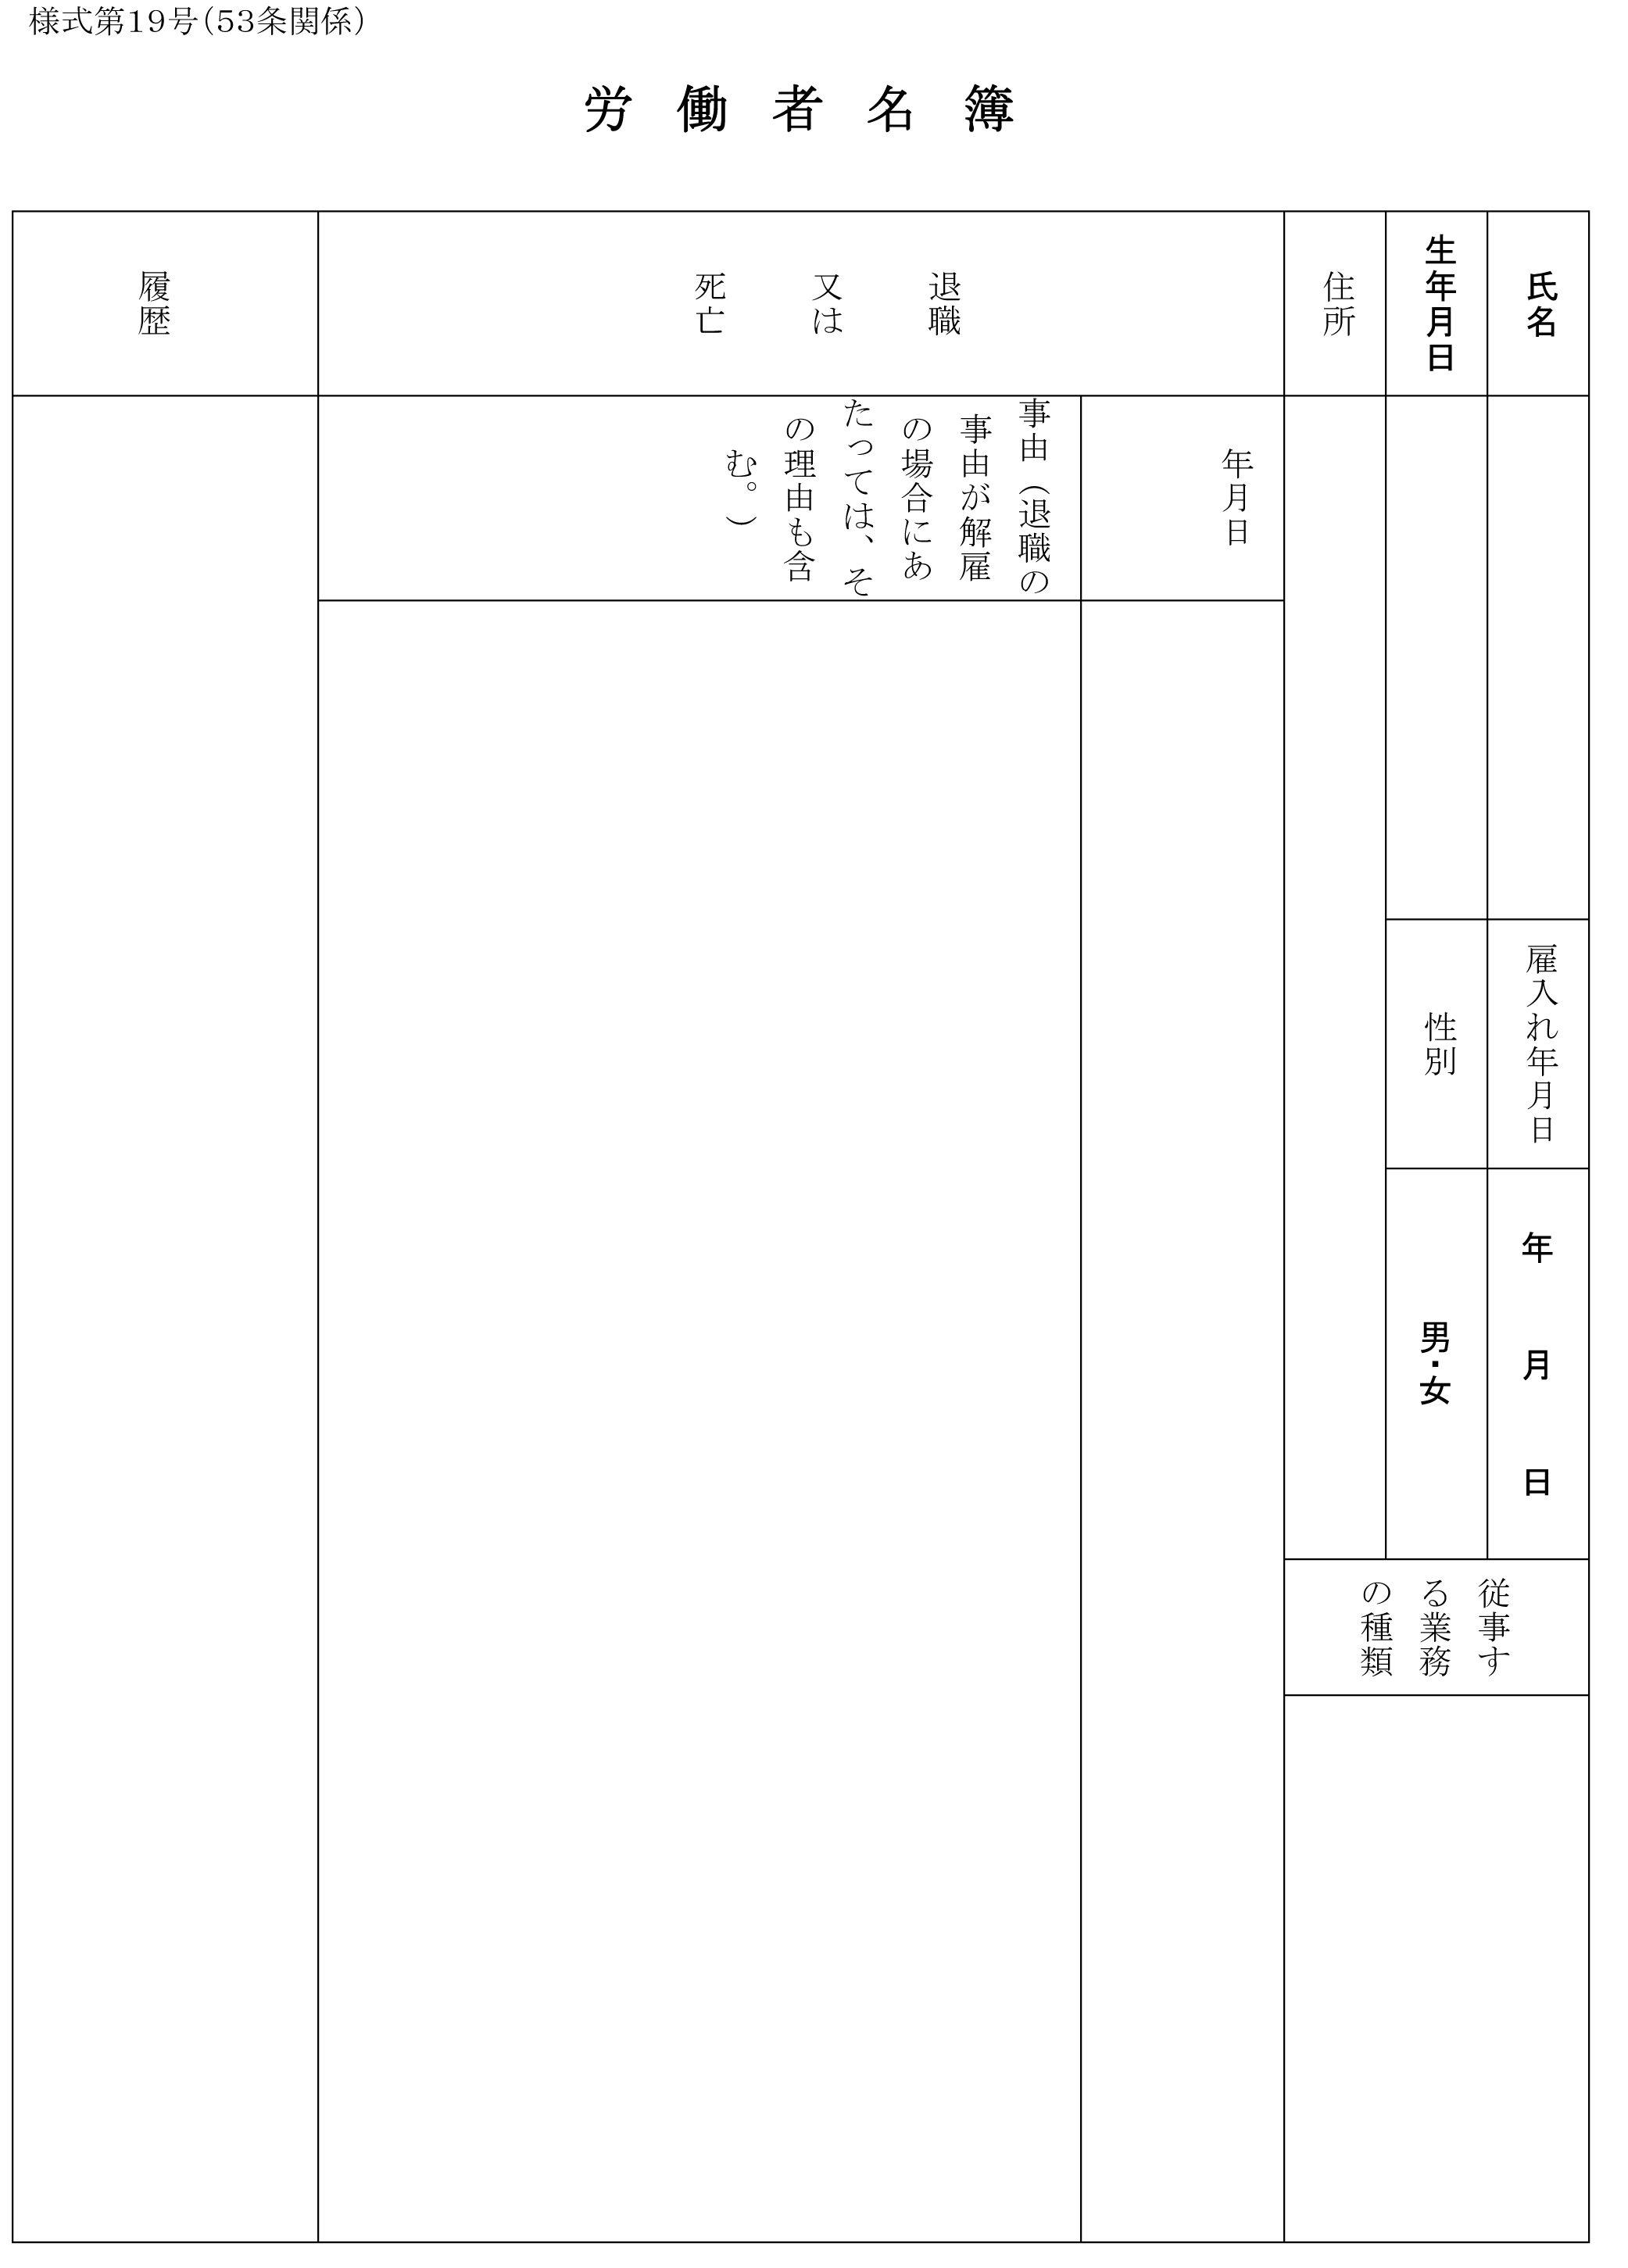 労働者名簿07